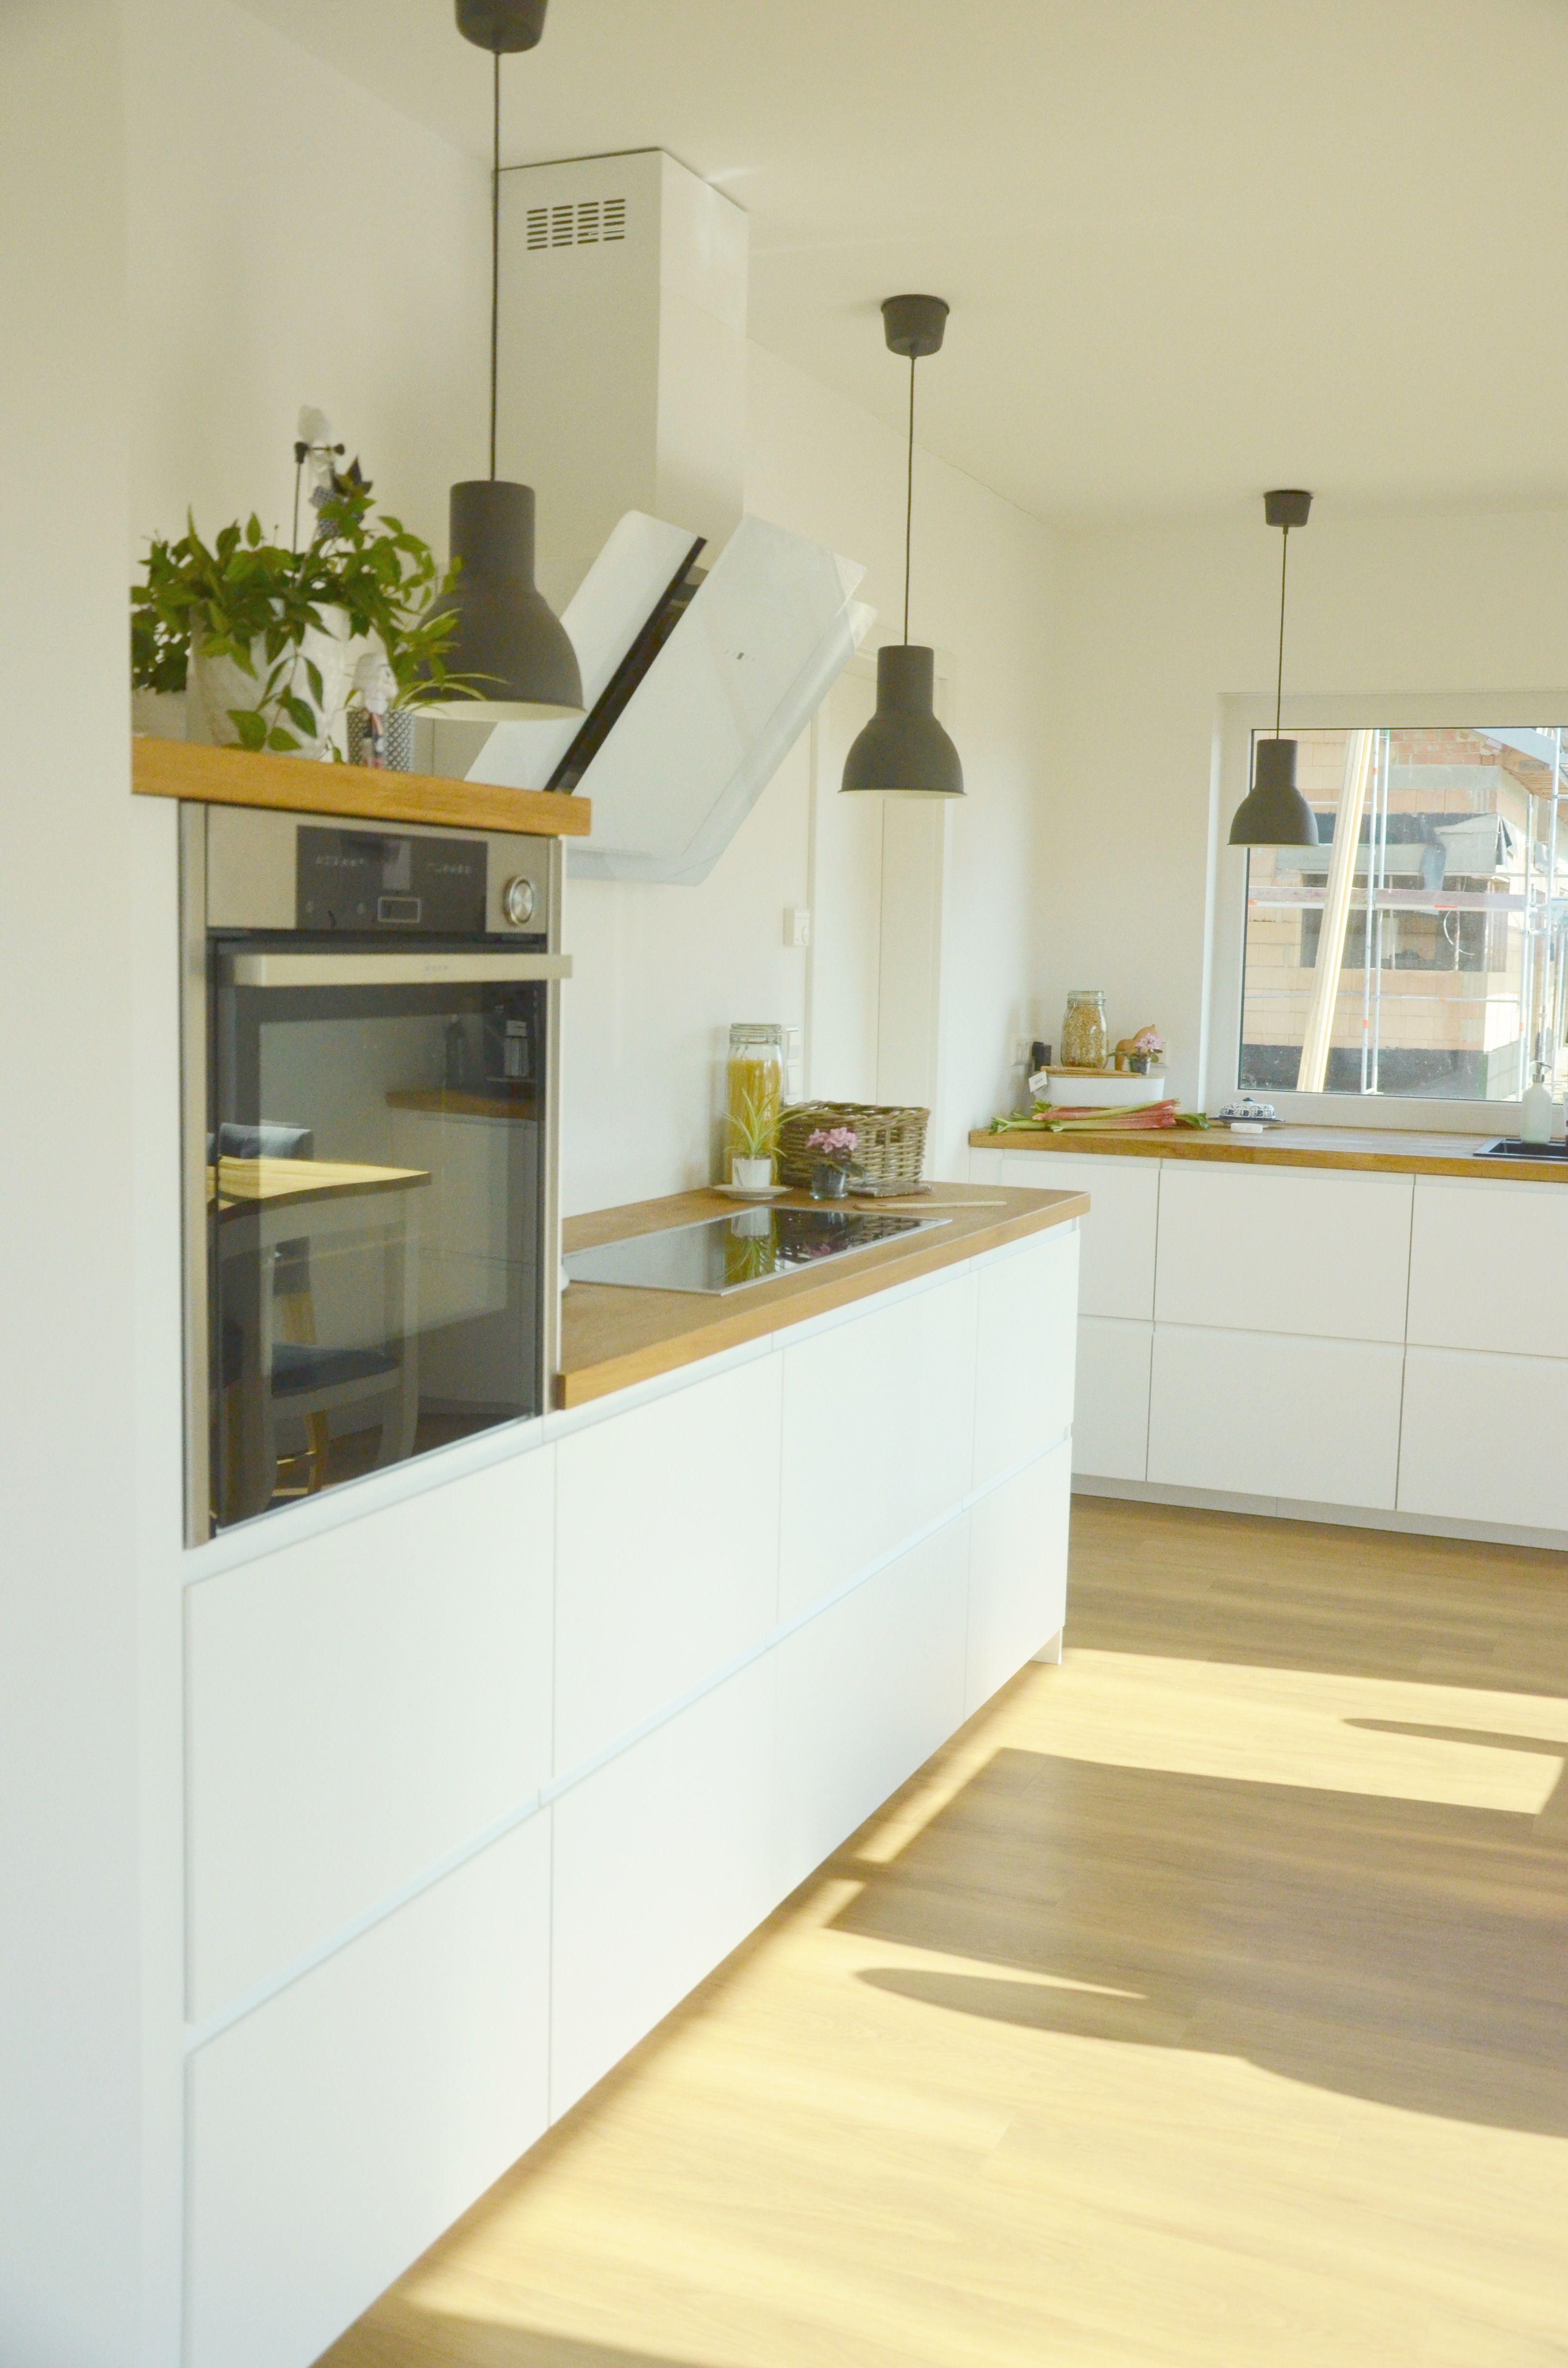 Einfache schicke Küche | Wohnideen | Pinterest | Schick, Küche und ...